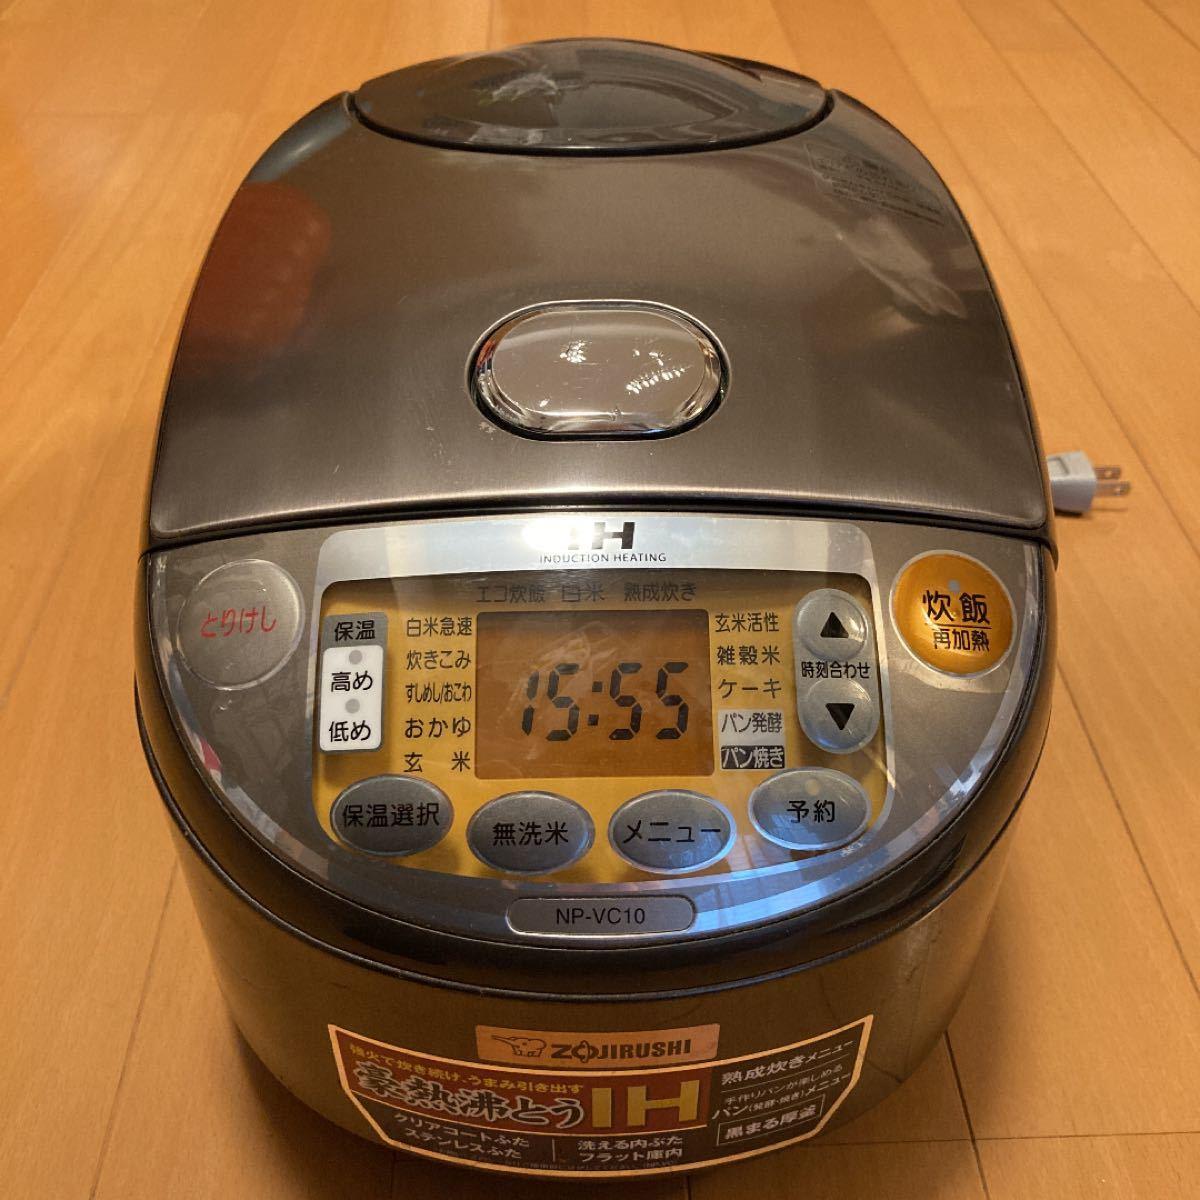 象印 炊飯器 NP-VC10 型 1.0Lサイズ 5.5合炊き